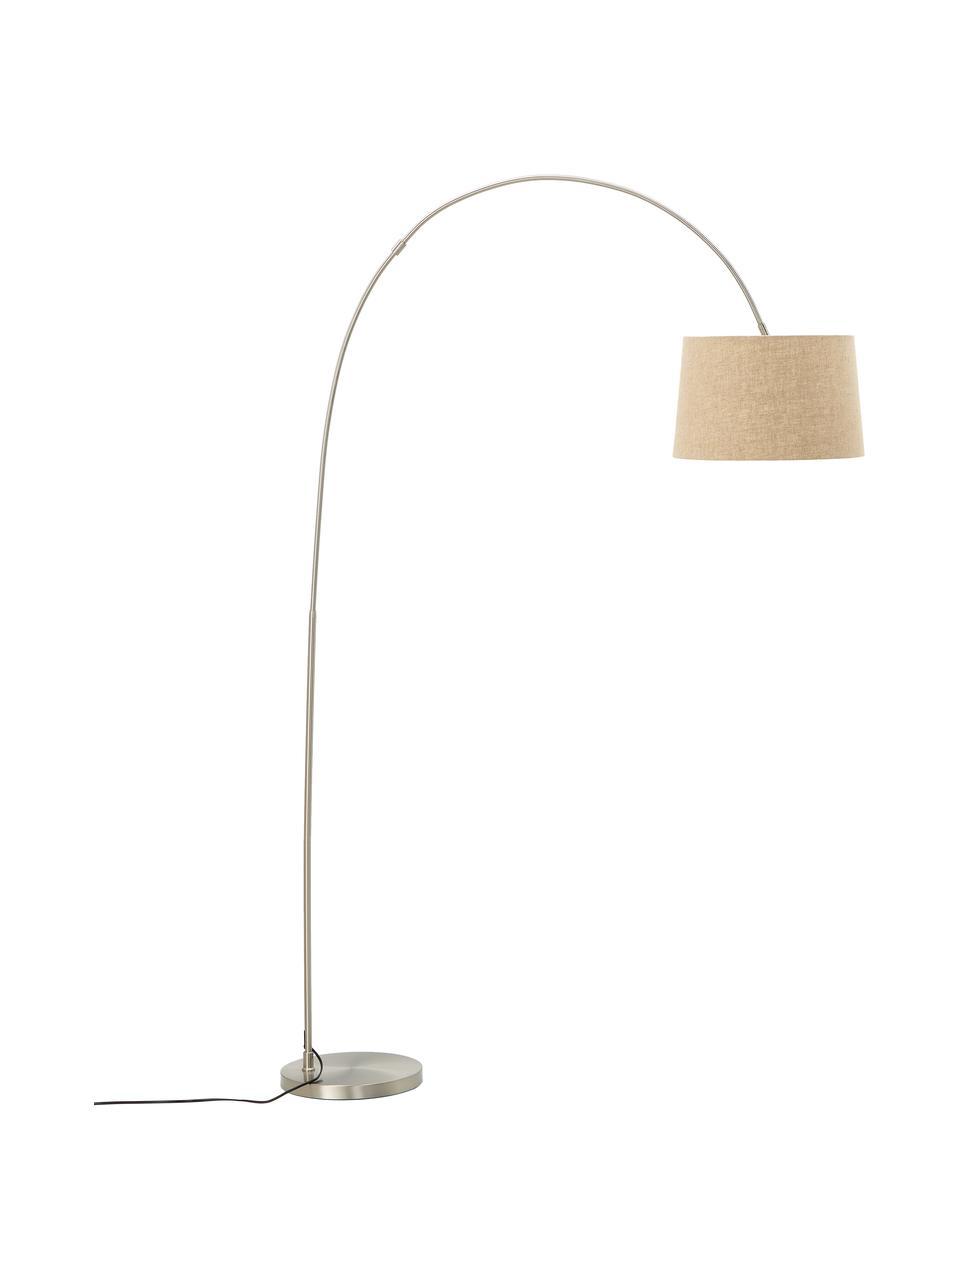 Lampada da terra ad arco con paralume in cotone Laurence, Paralume: miscela di cotone, Base della lampada: metallo spazzolato, Beige, argentato, Ø 40 x Alt. 188 cm